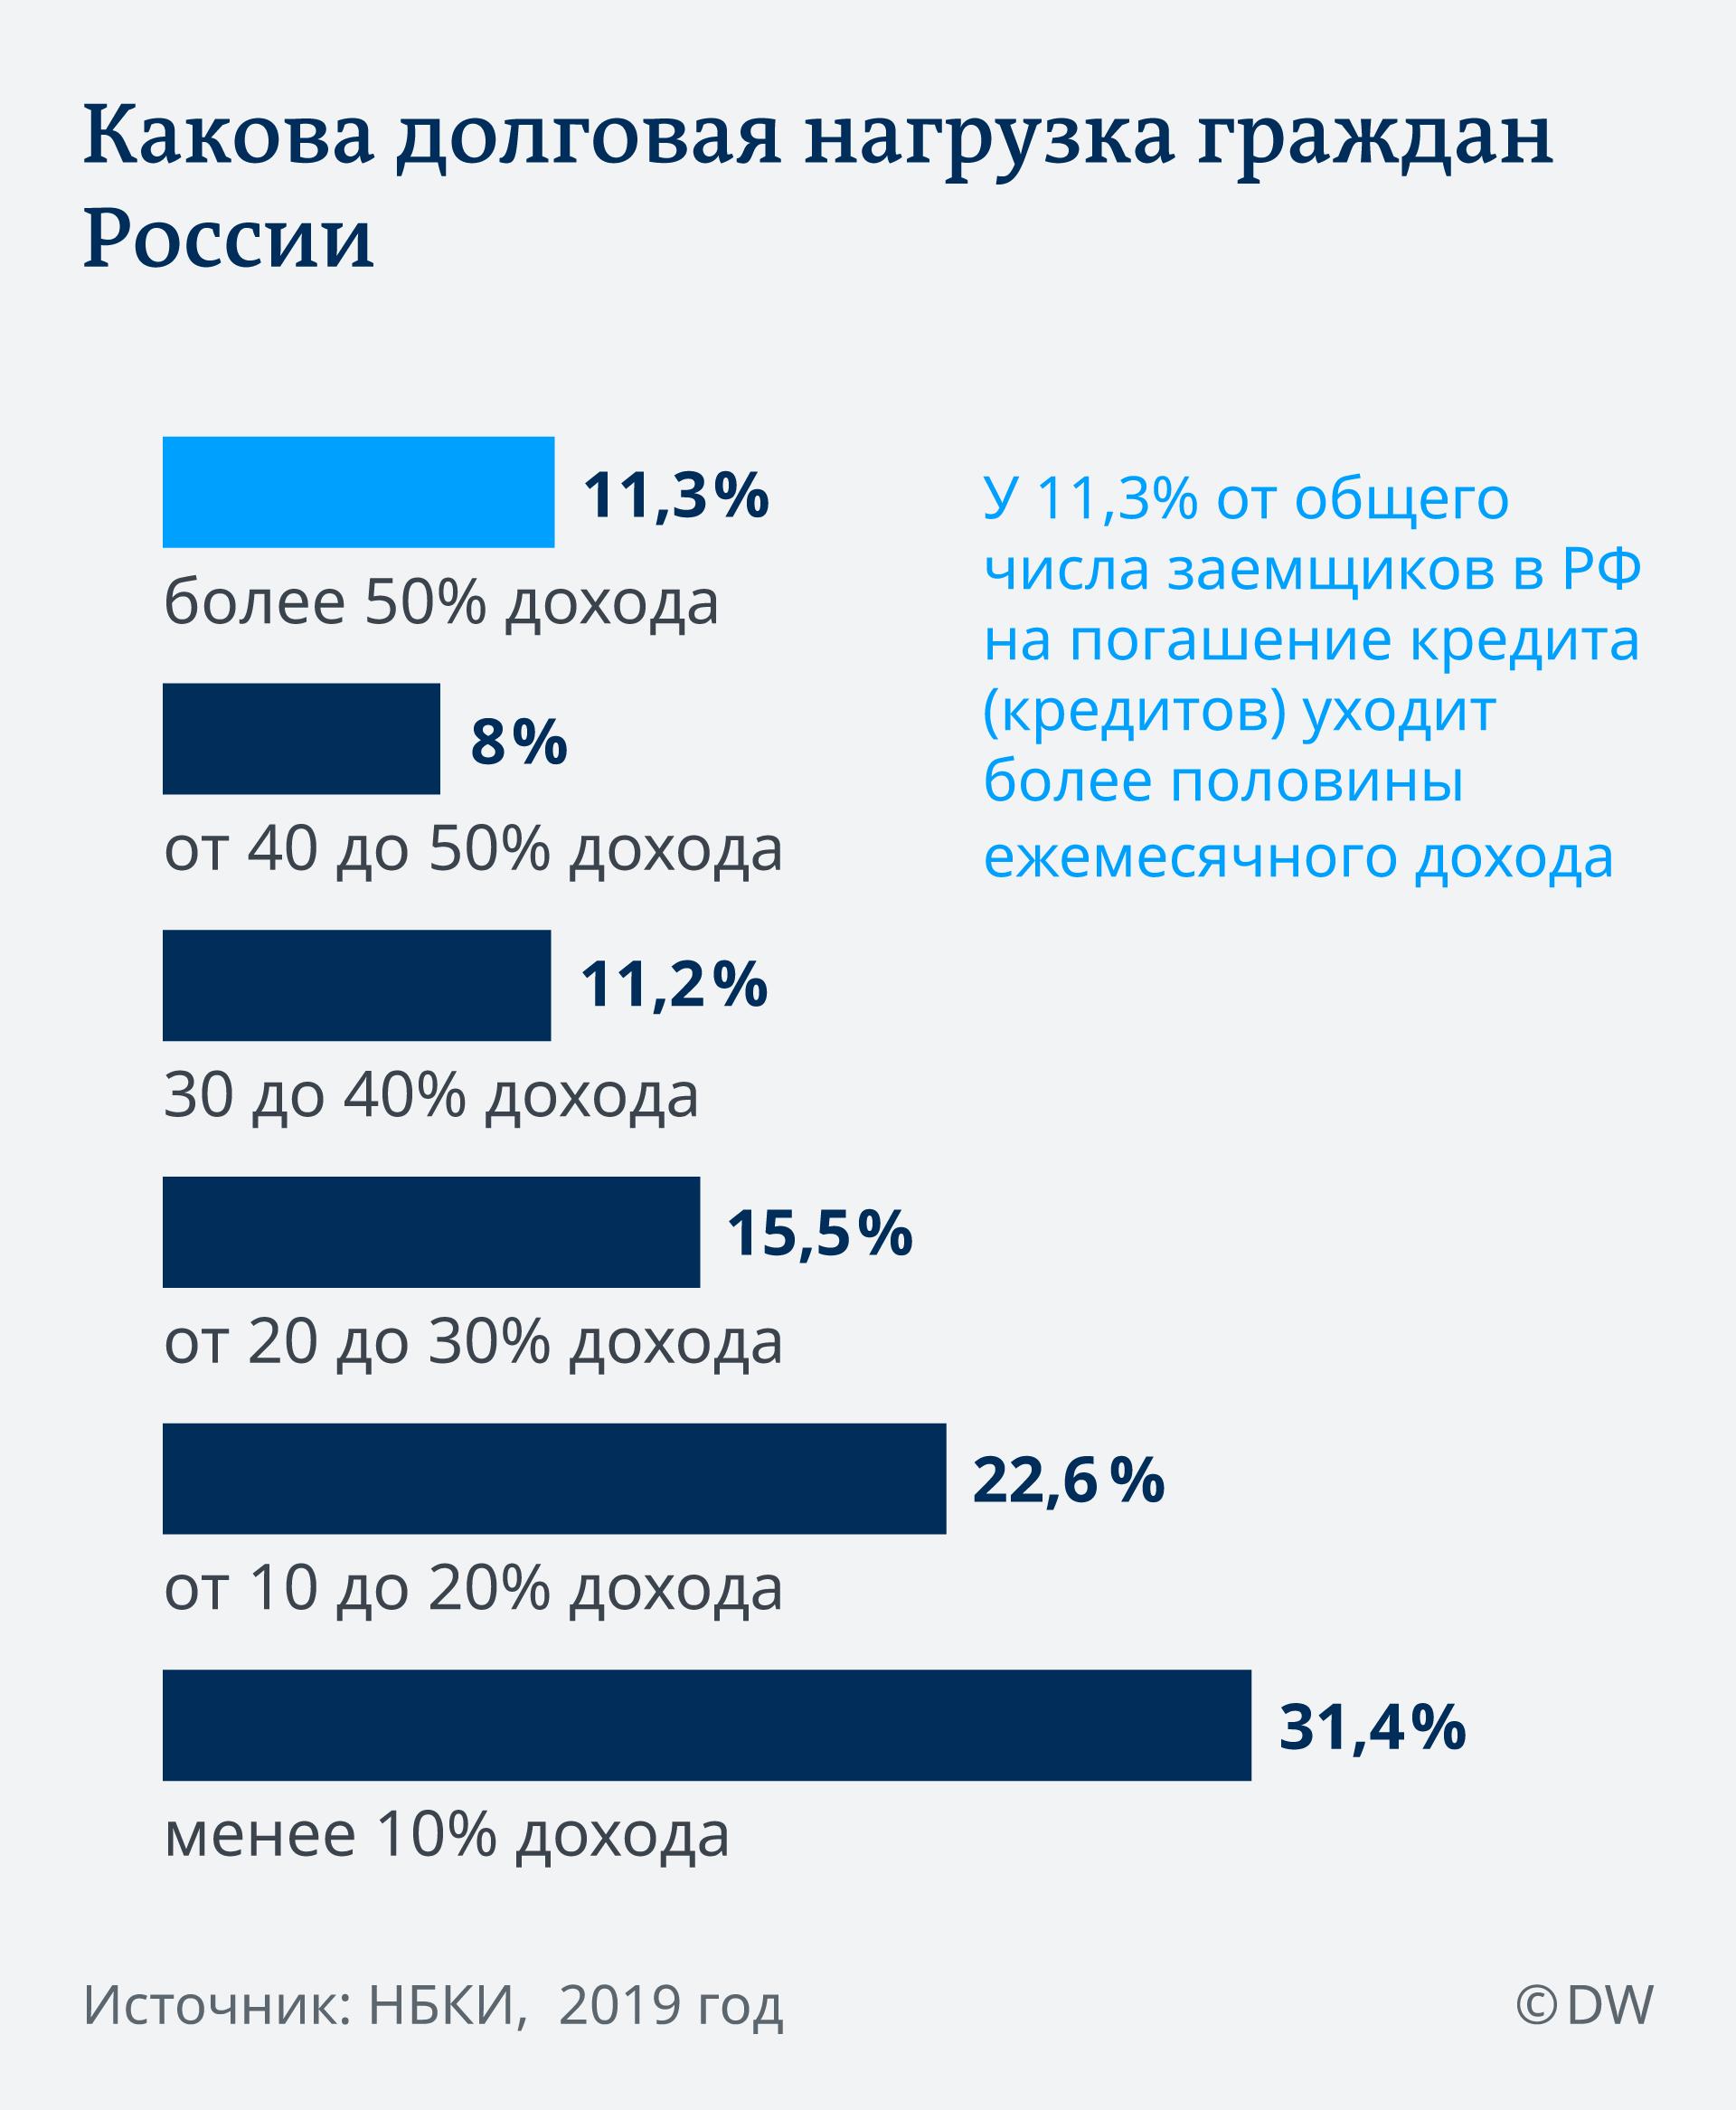 банки красноярска кредит наличными где взять 4000000 рублей без кредита